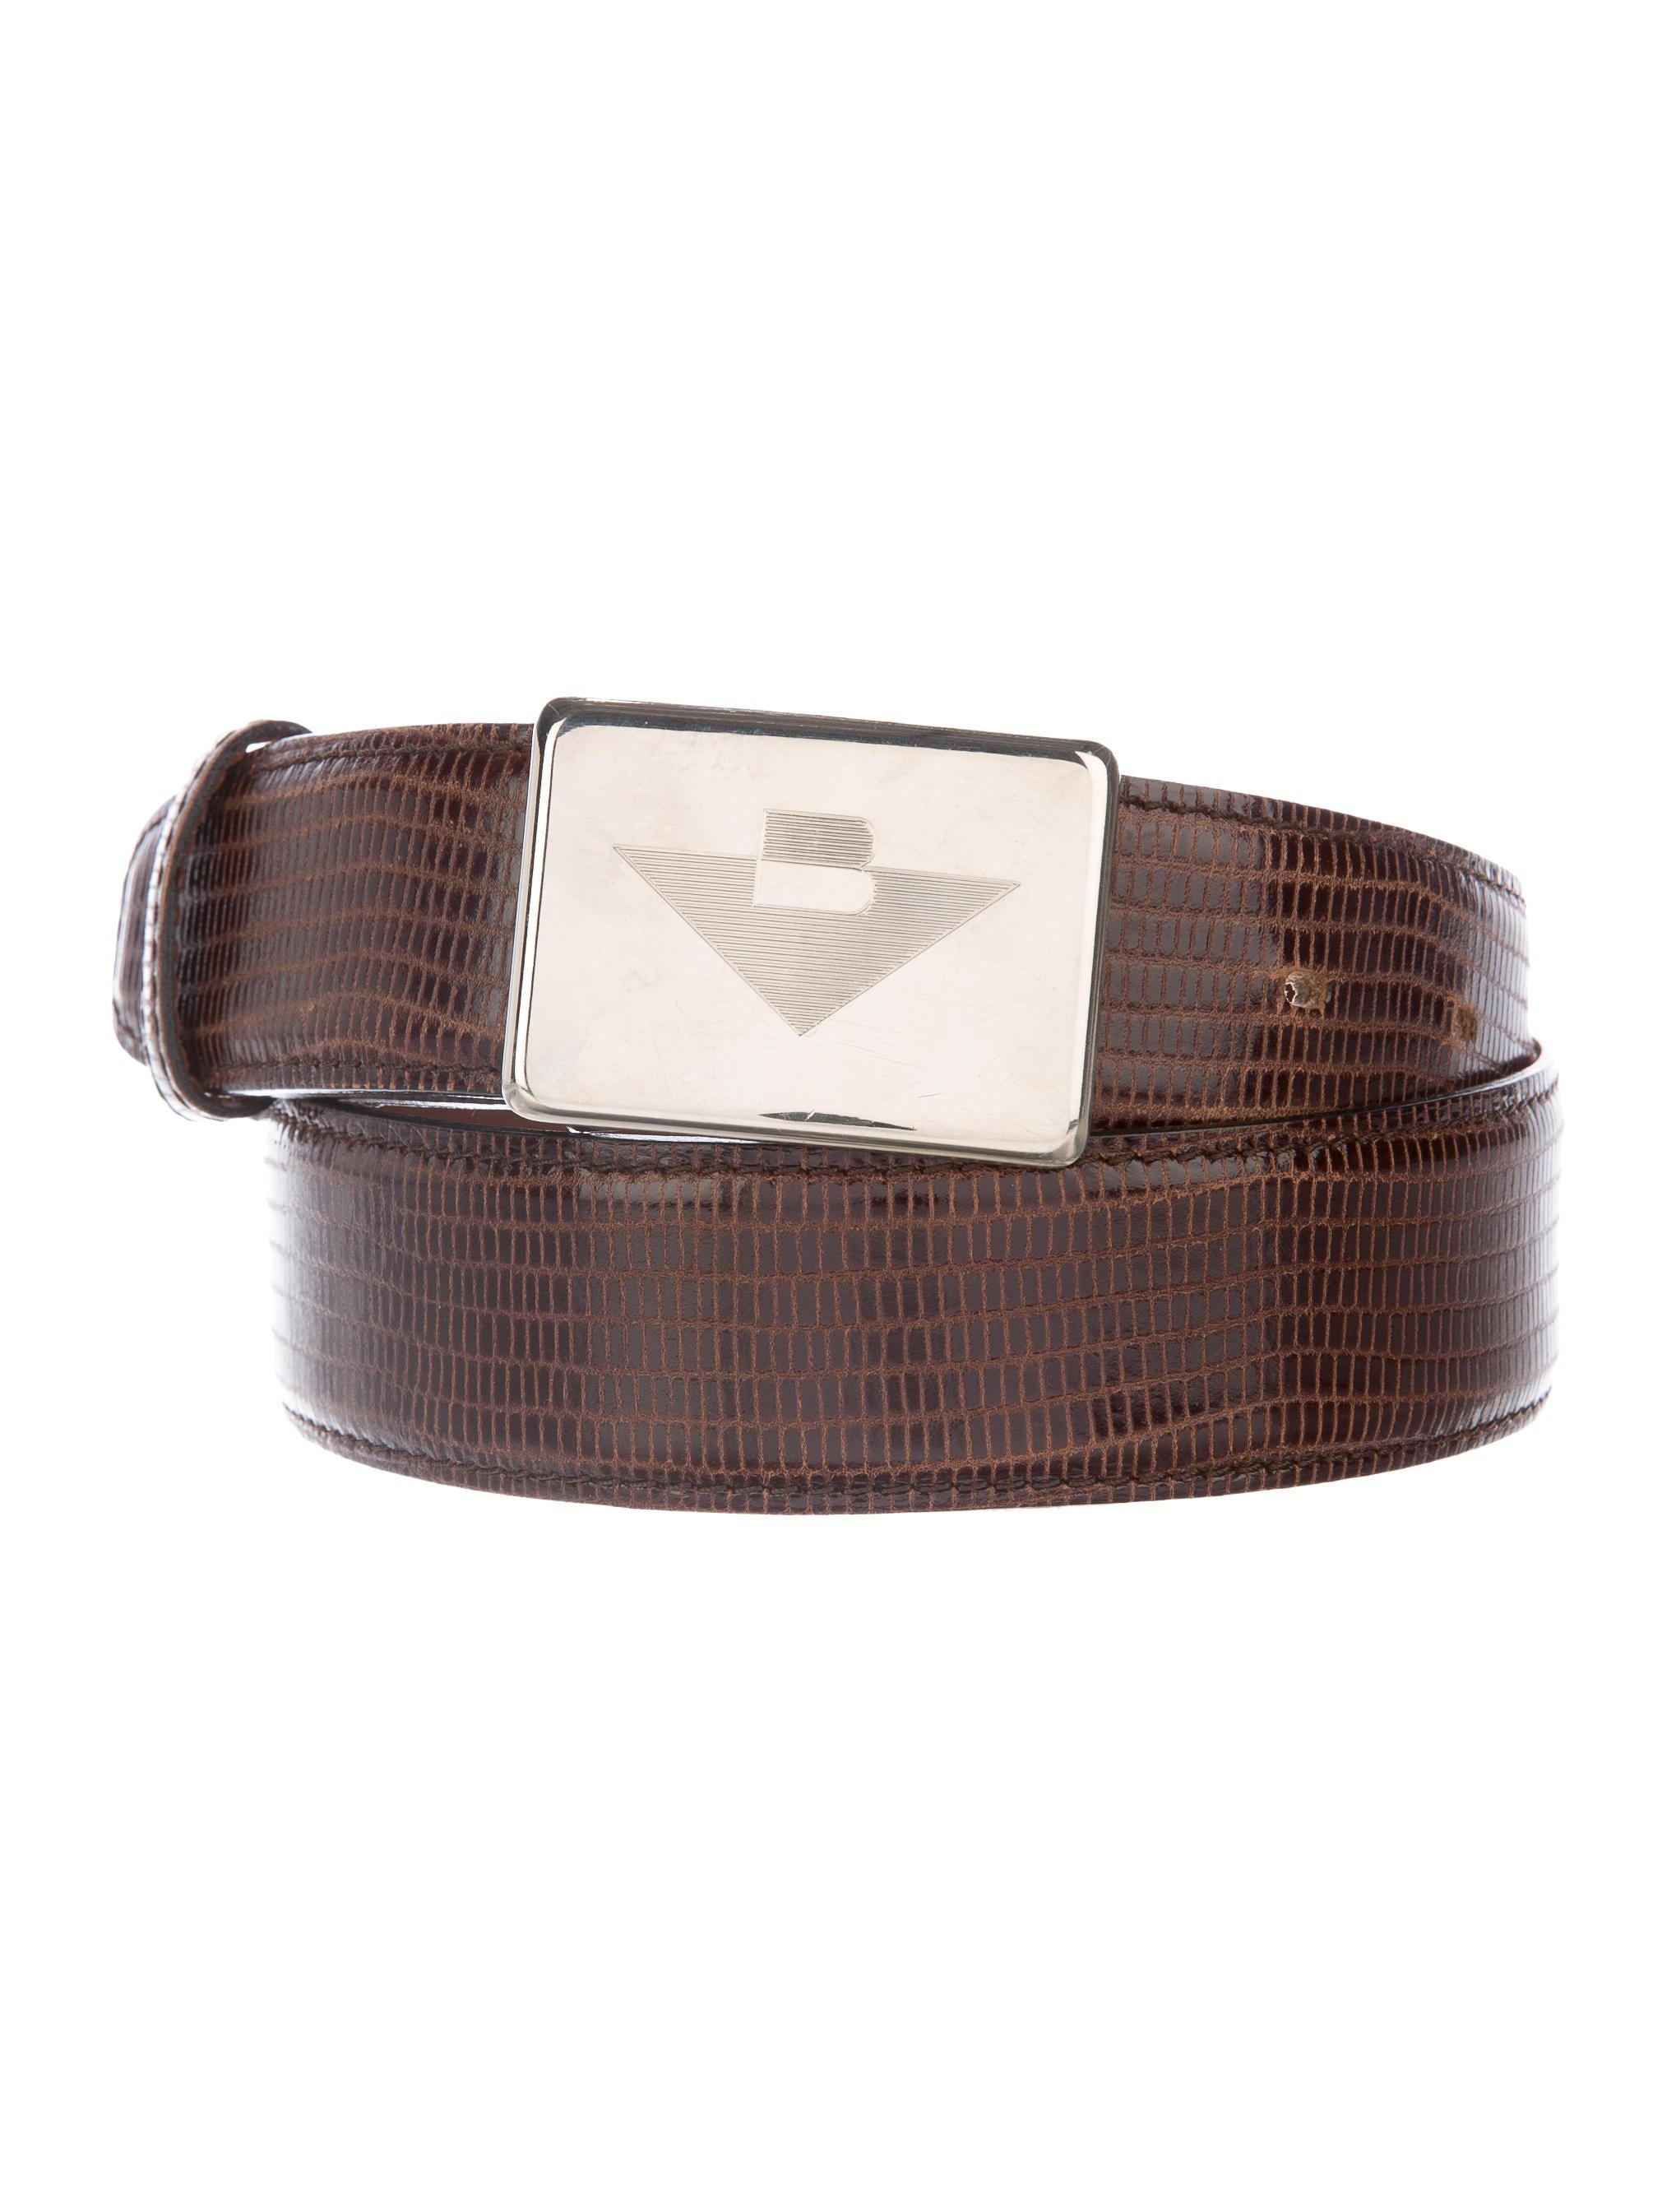 bottega veneta embossed leather belt accessories